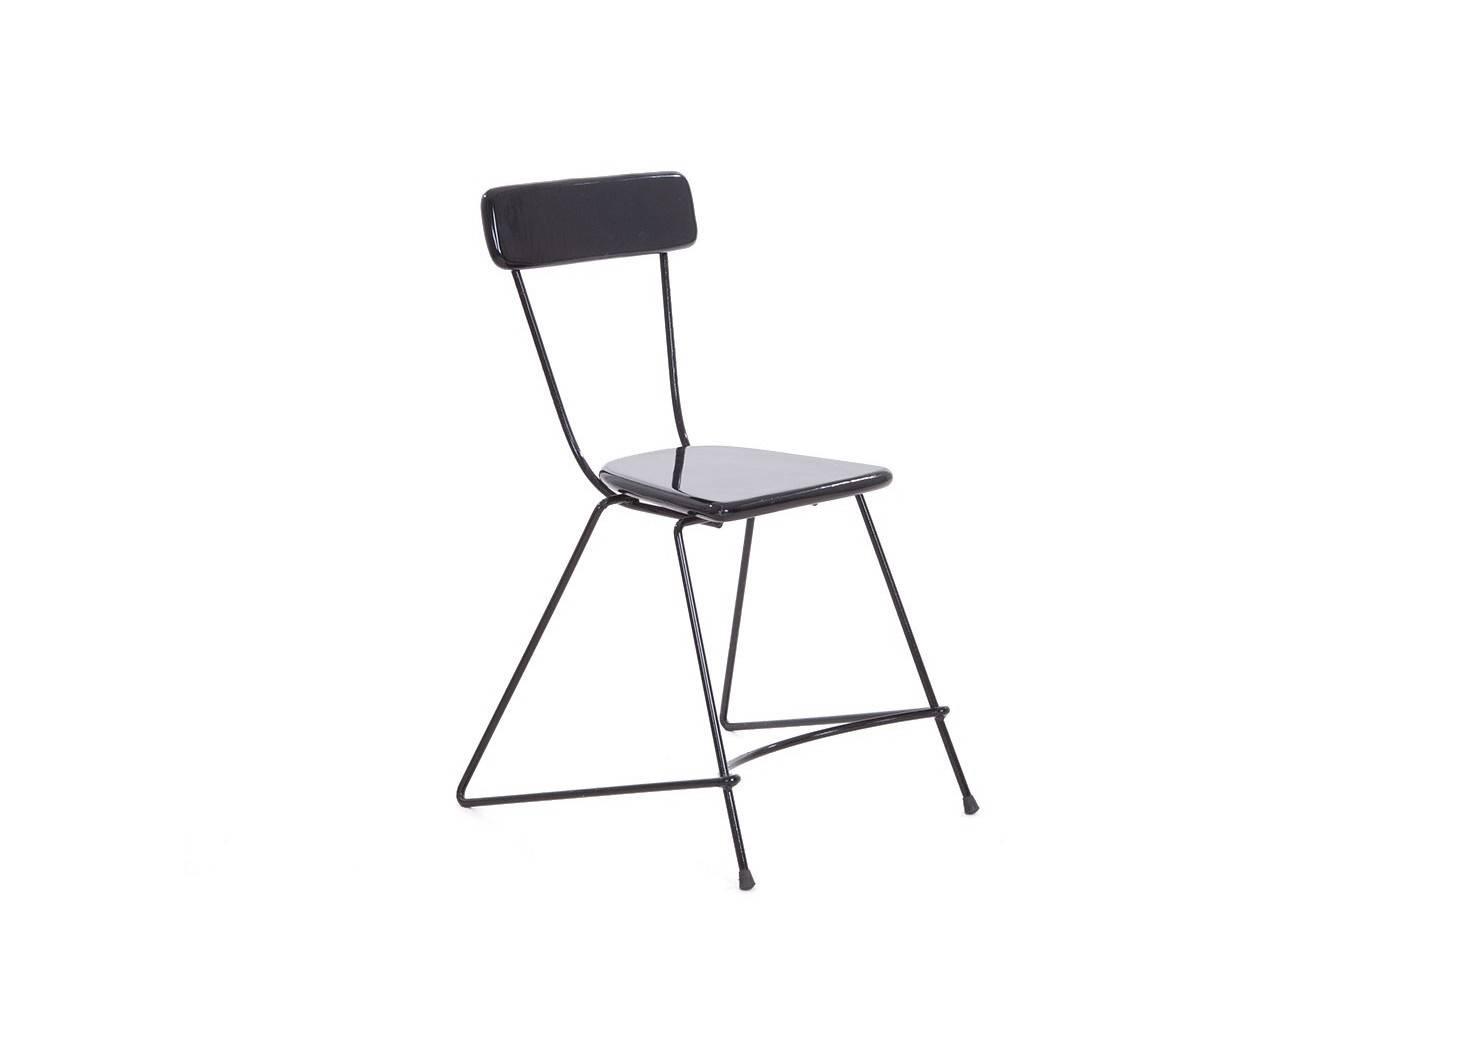 Chaise trapèze en métal, assise en bois peint vernis noir